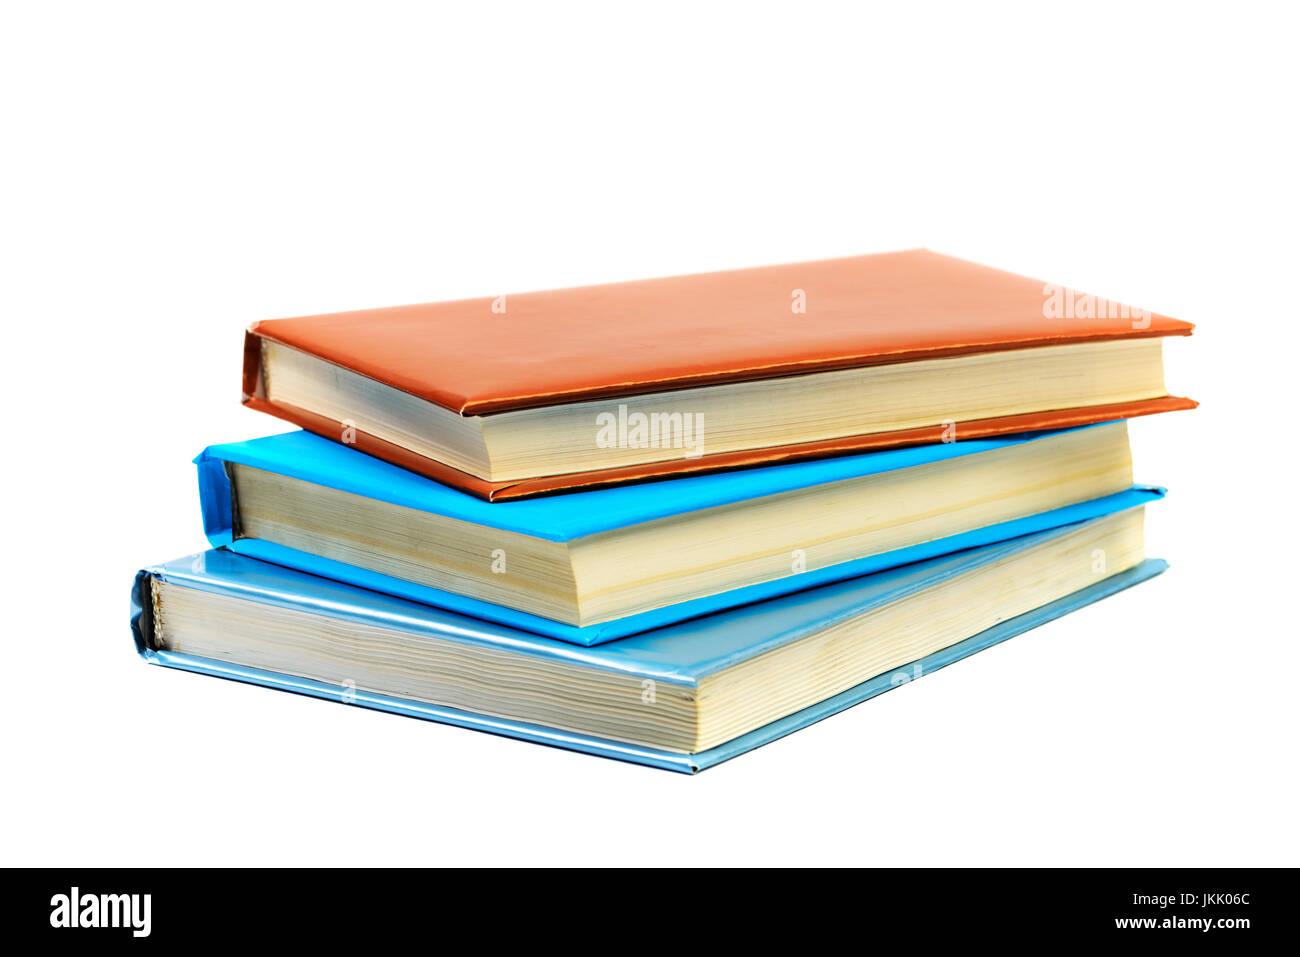 Haufen Bücher isoliert auf weißem Hintergrund Stockfoto